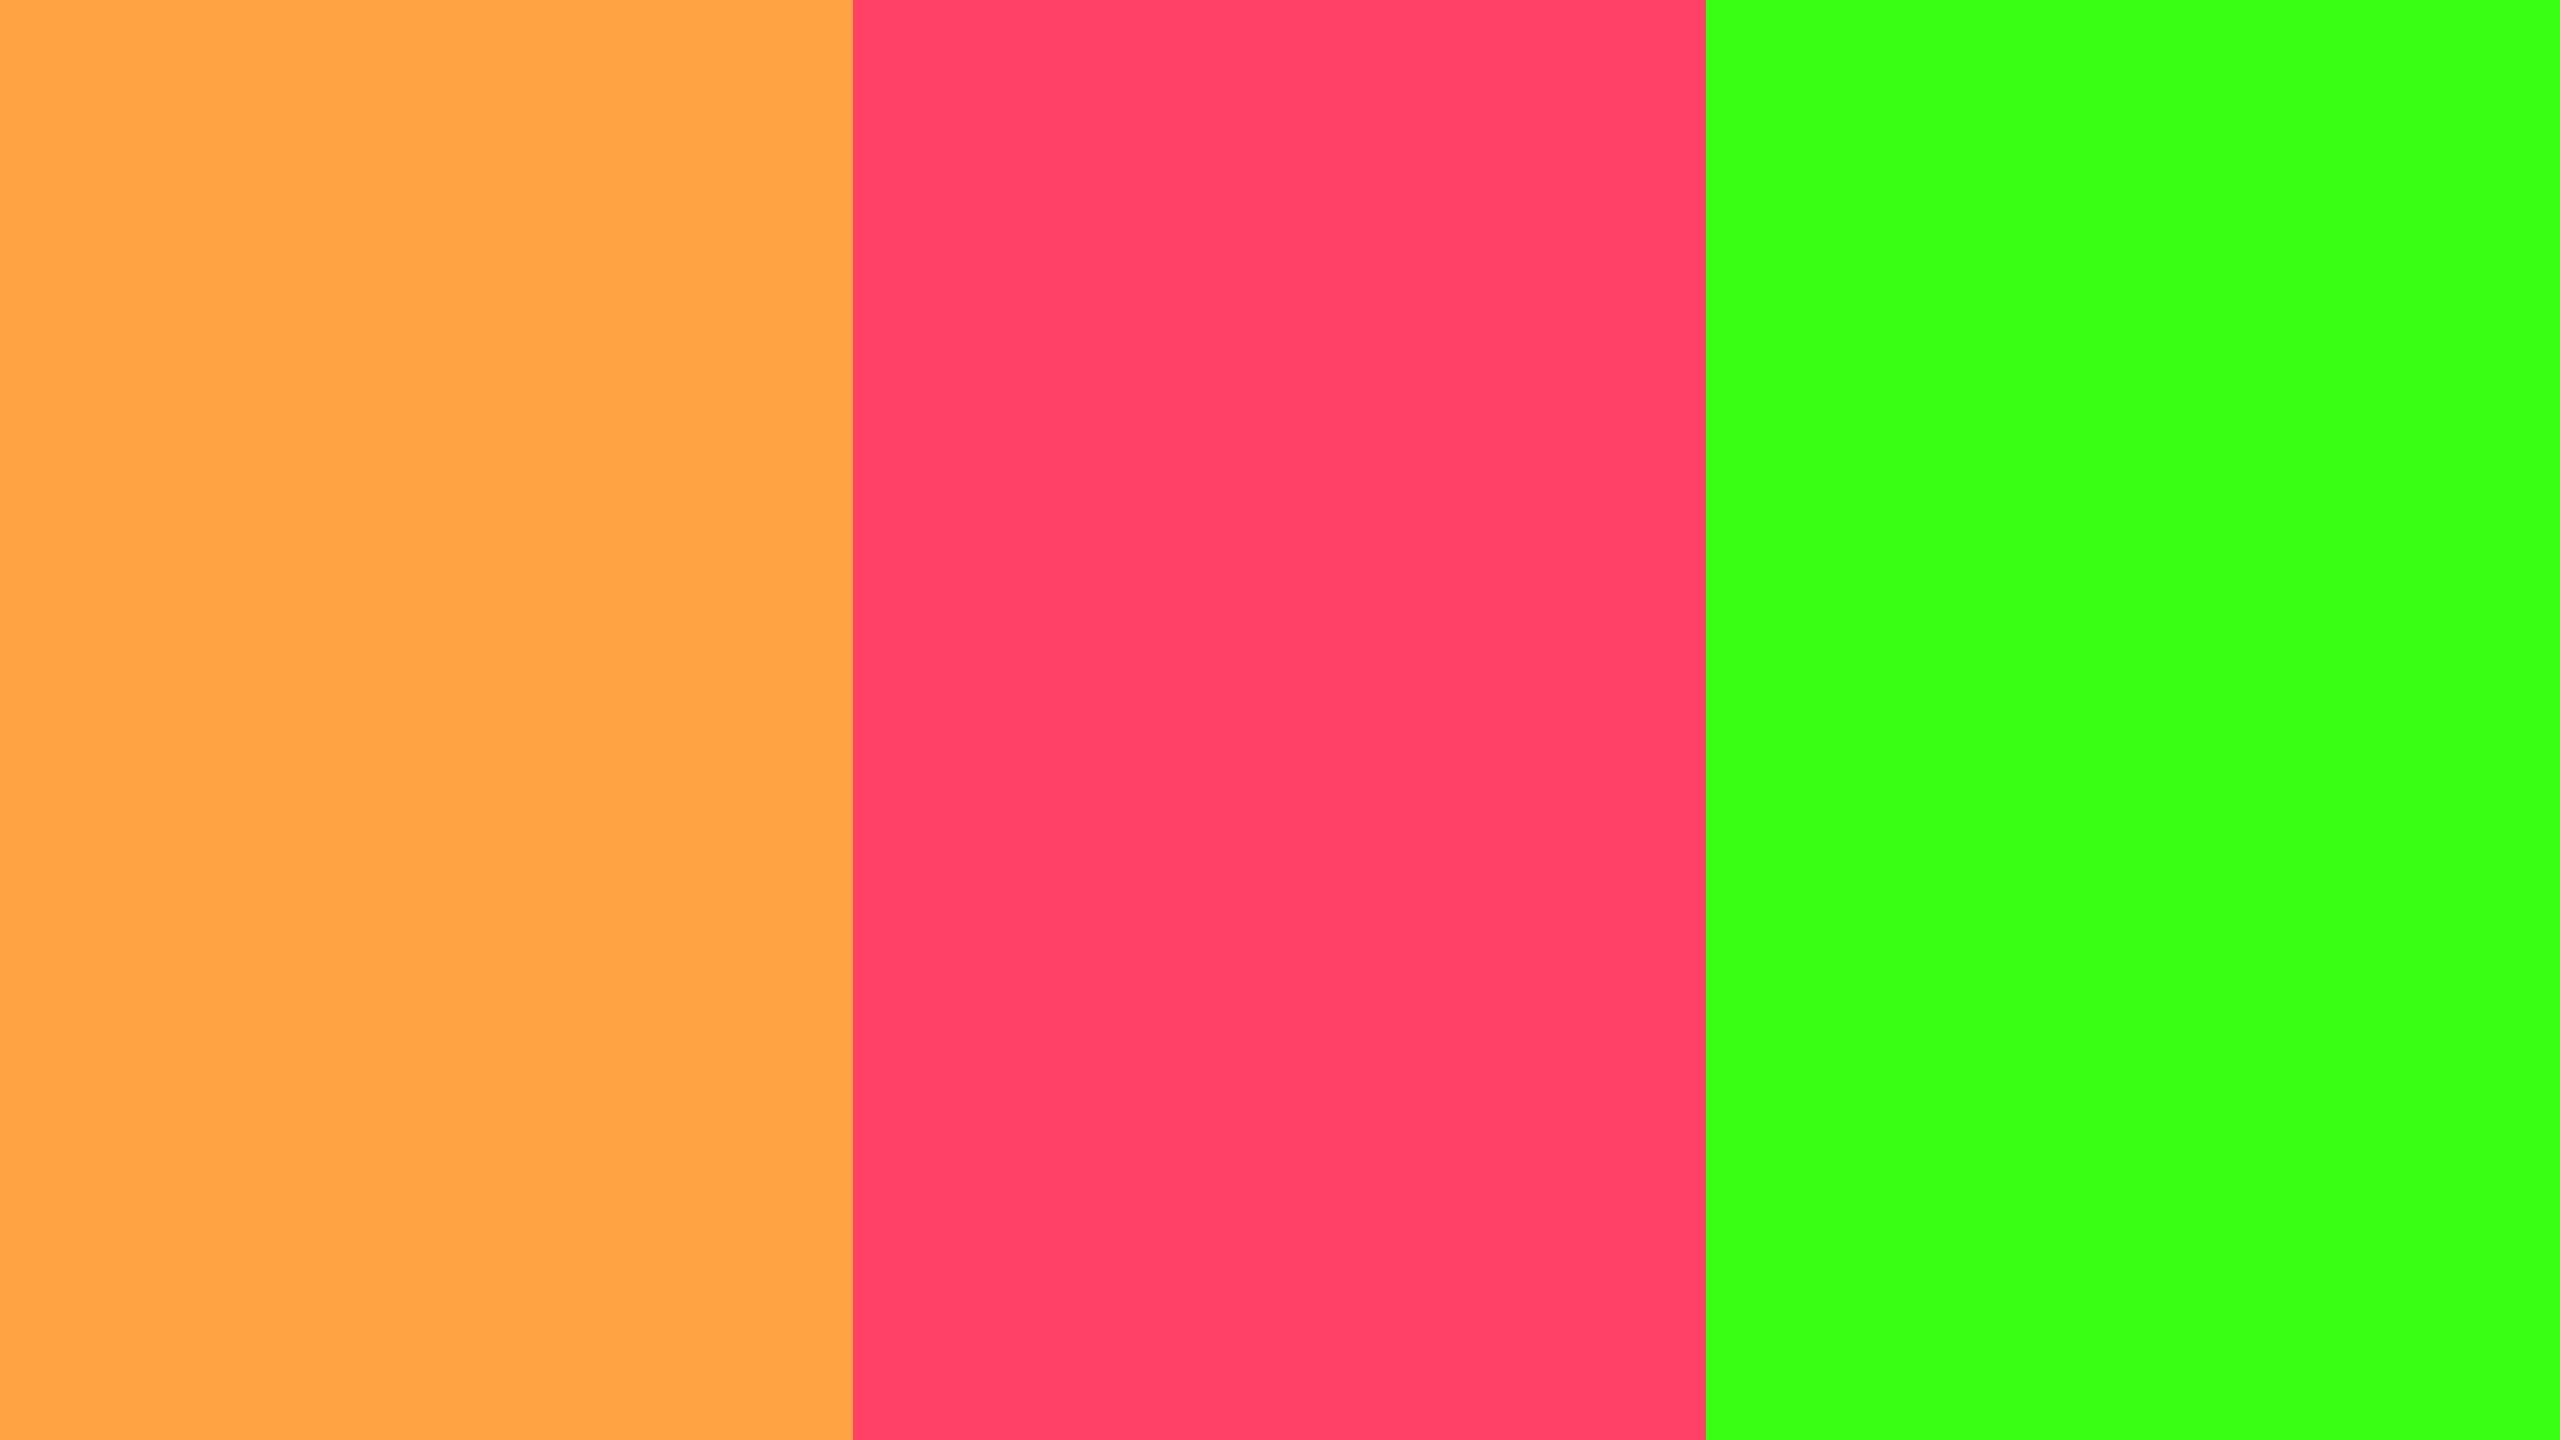 Solid Neon Blue Wallpaper 2560x1440 neon carrot neon 2560x1440